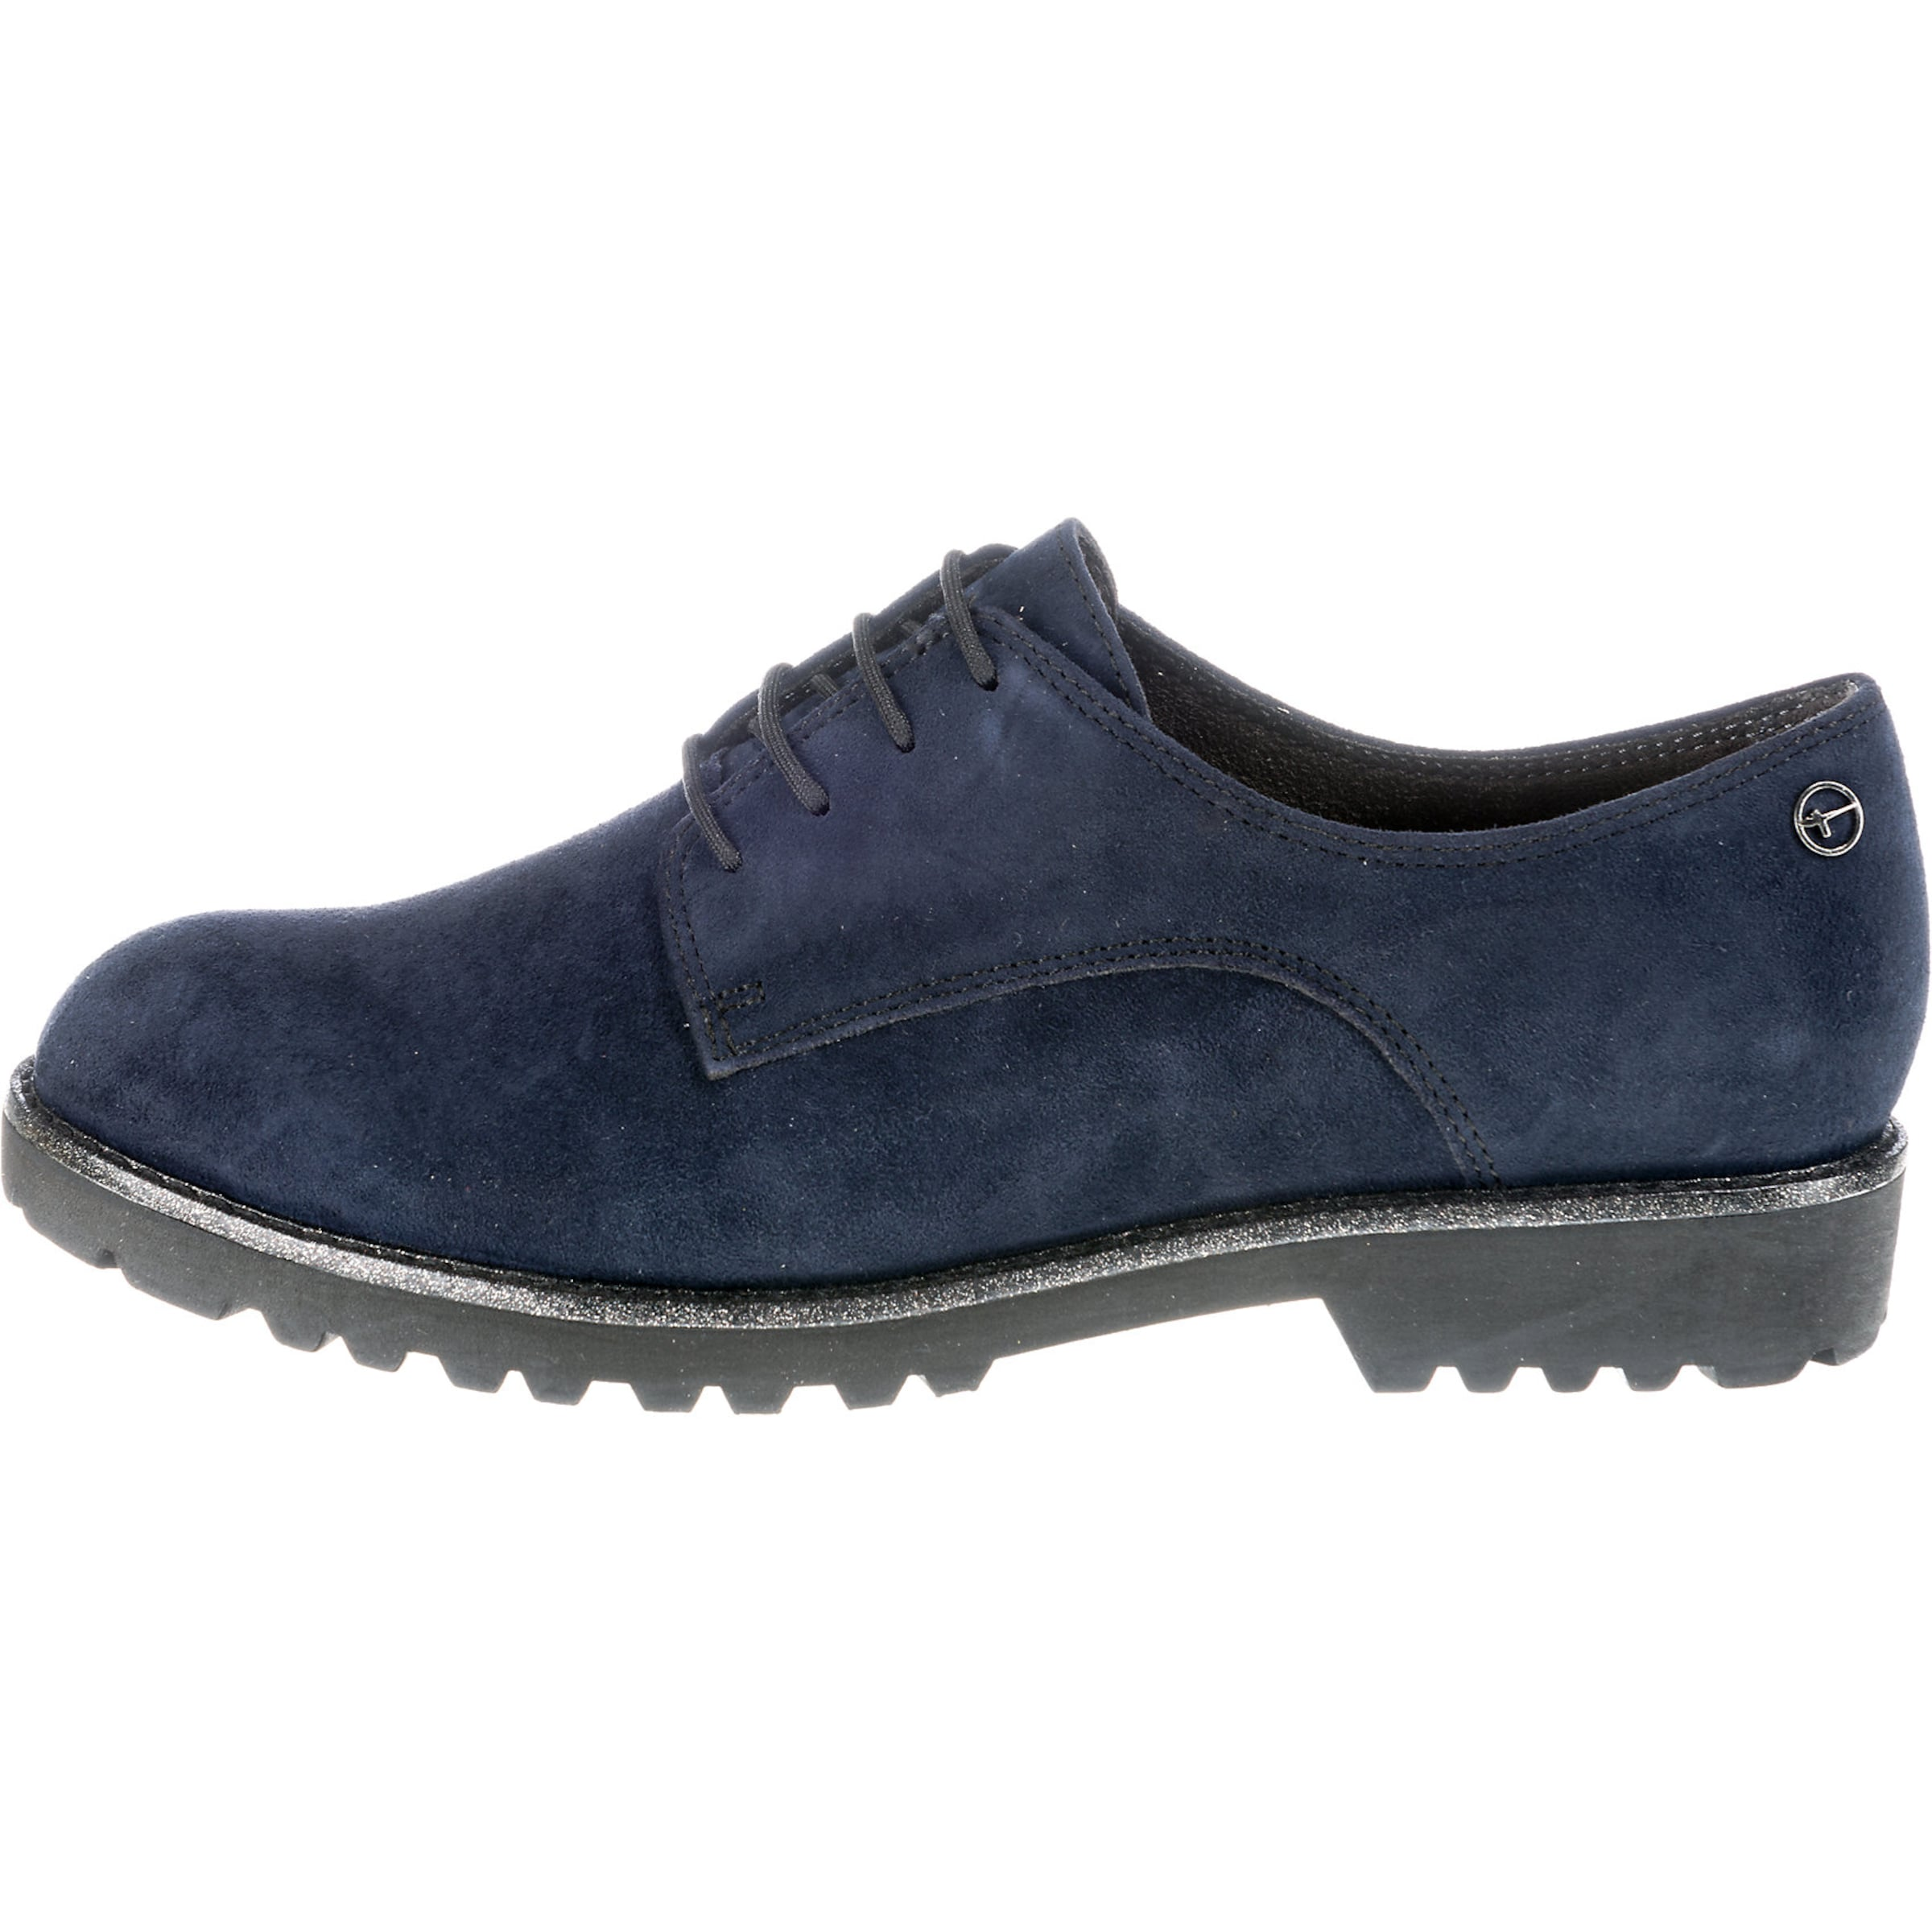 Lacets Marine Bleu Chaussure Tamaris À En rtQCxsBdh